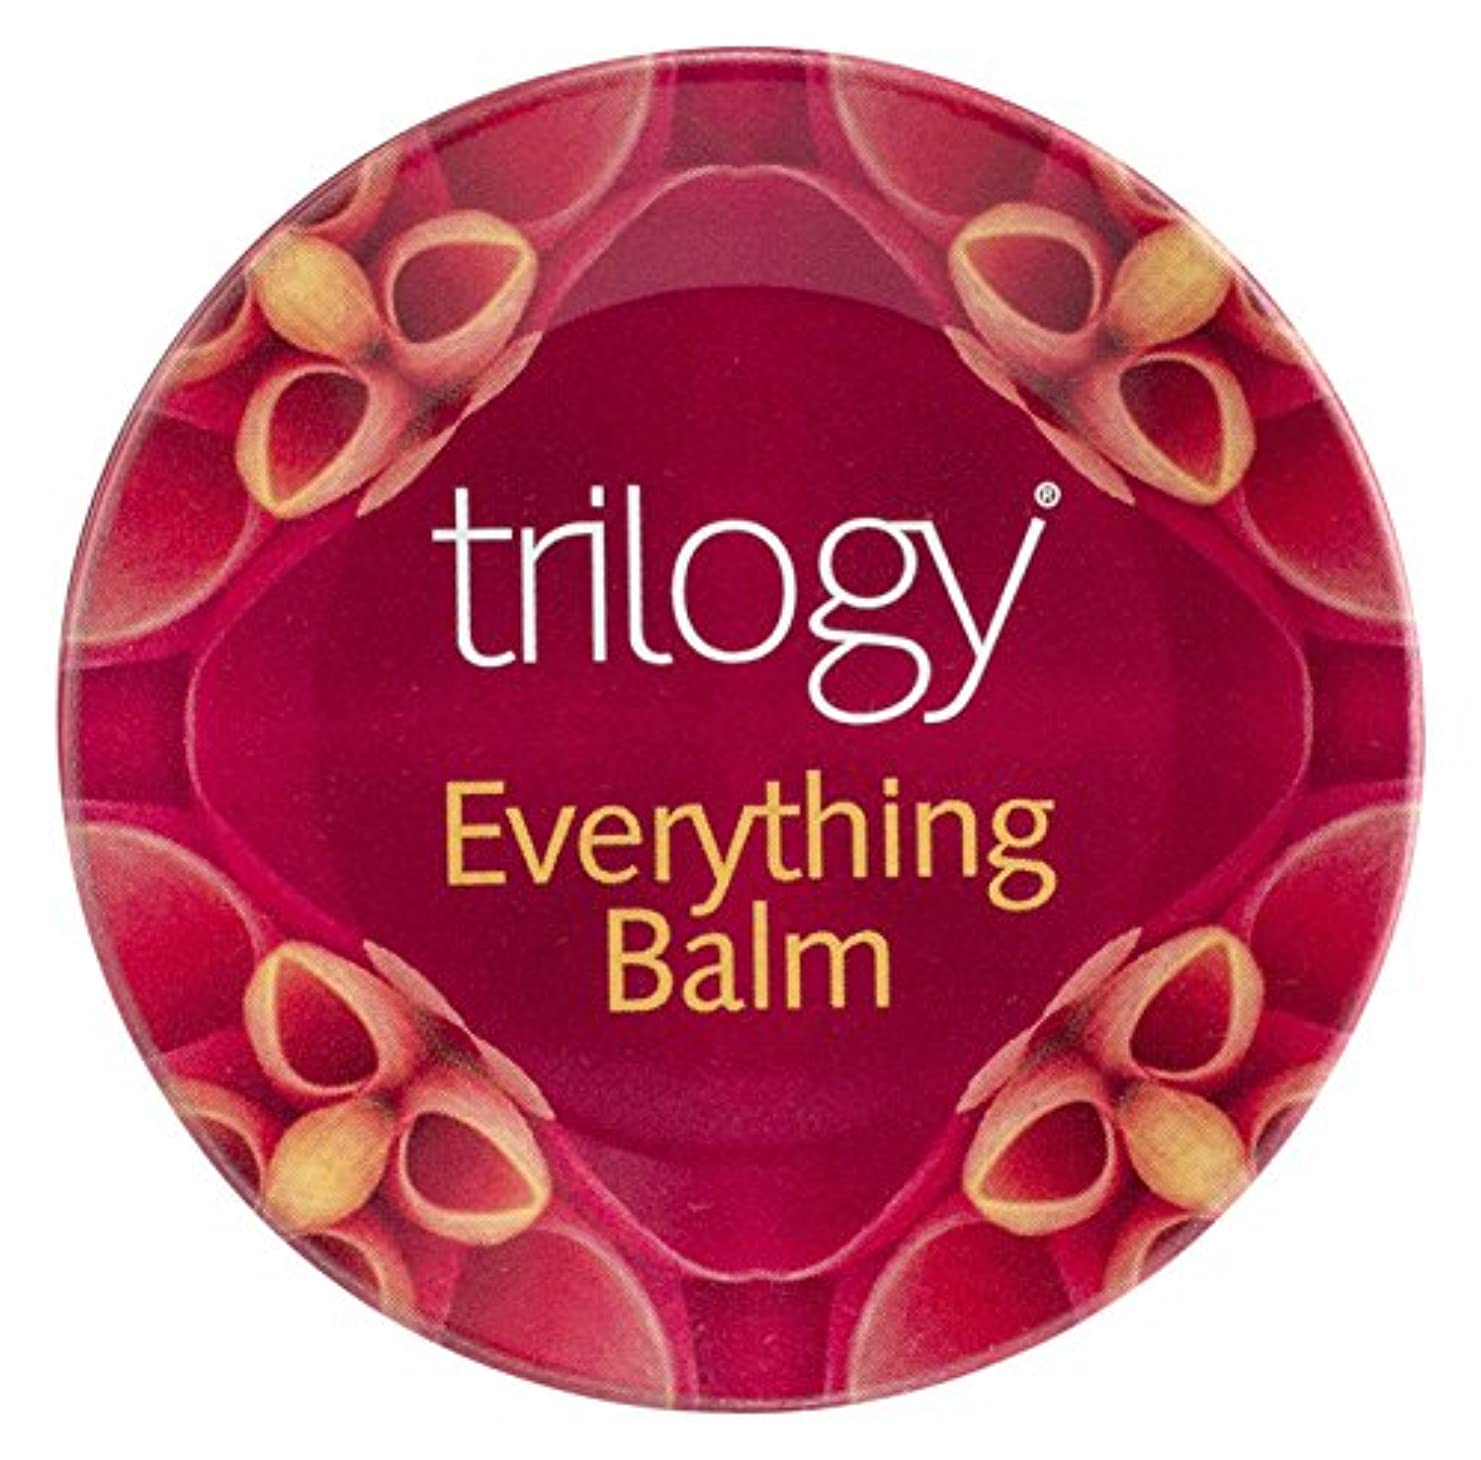 トリロジー(trilogy) エブリシング バーム 〈全身用バーム〉 (45mL)